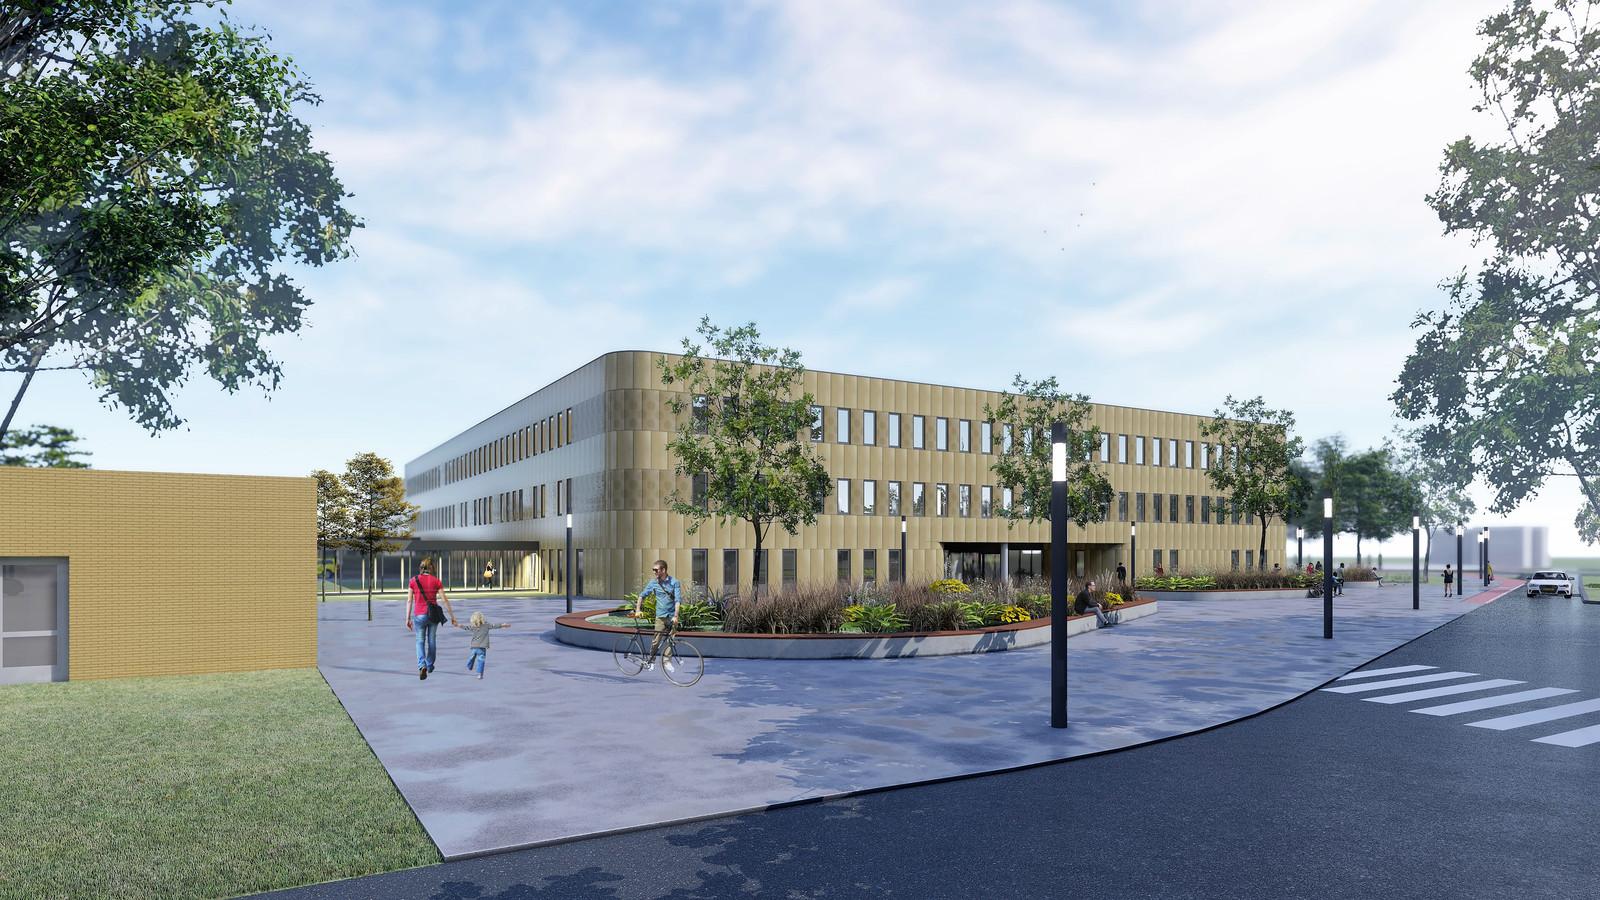 Het ontwerp van het Medisch Centrum Vechtdal dat nu in Hardenberg gebouwd wordt.